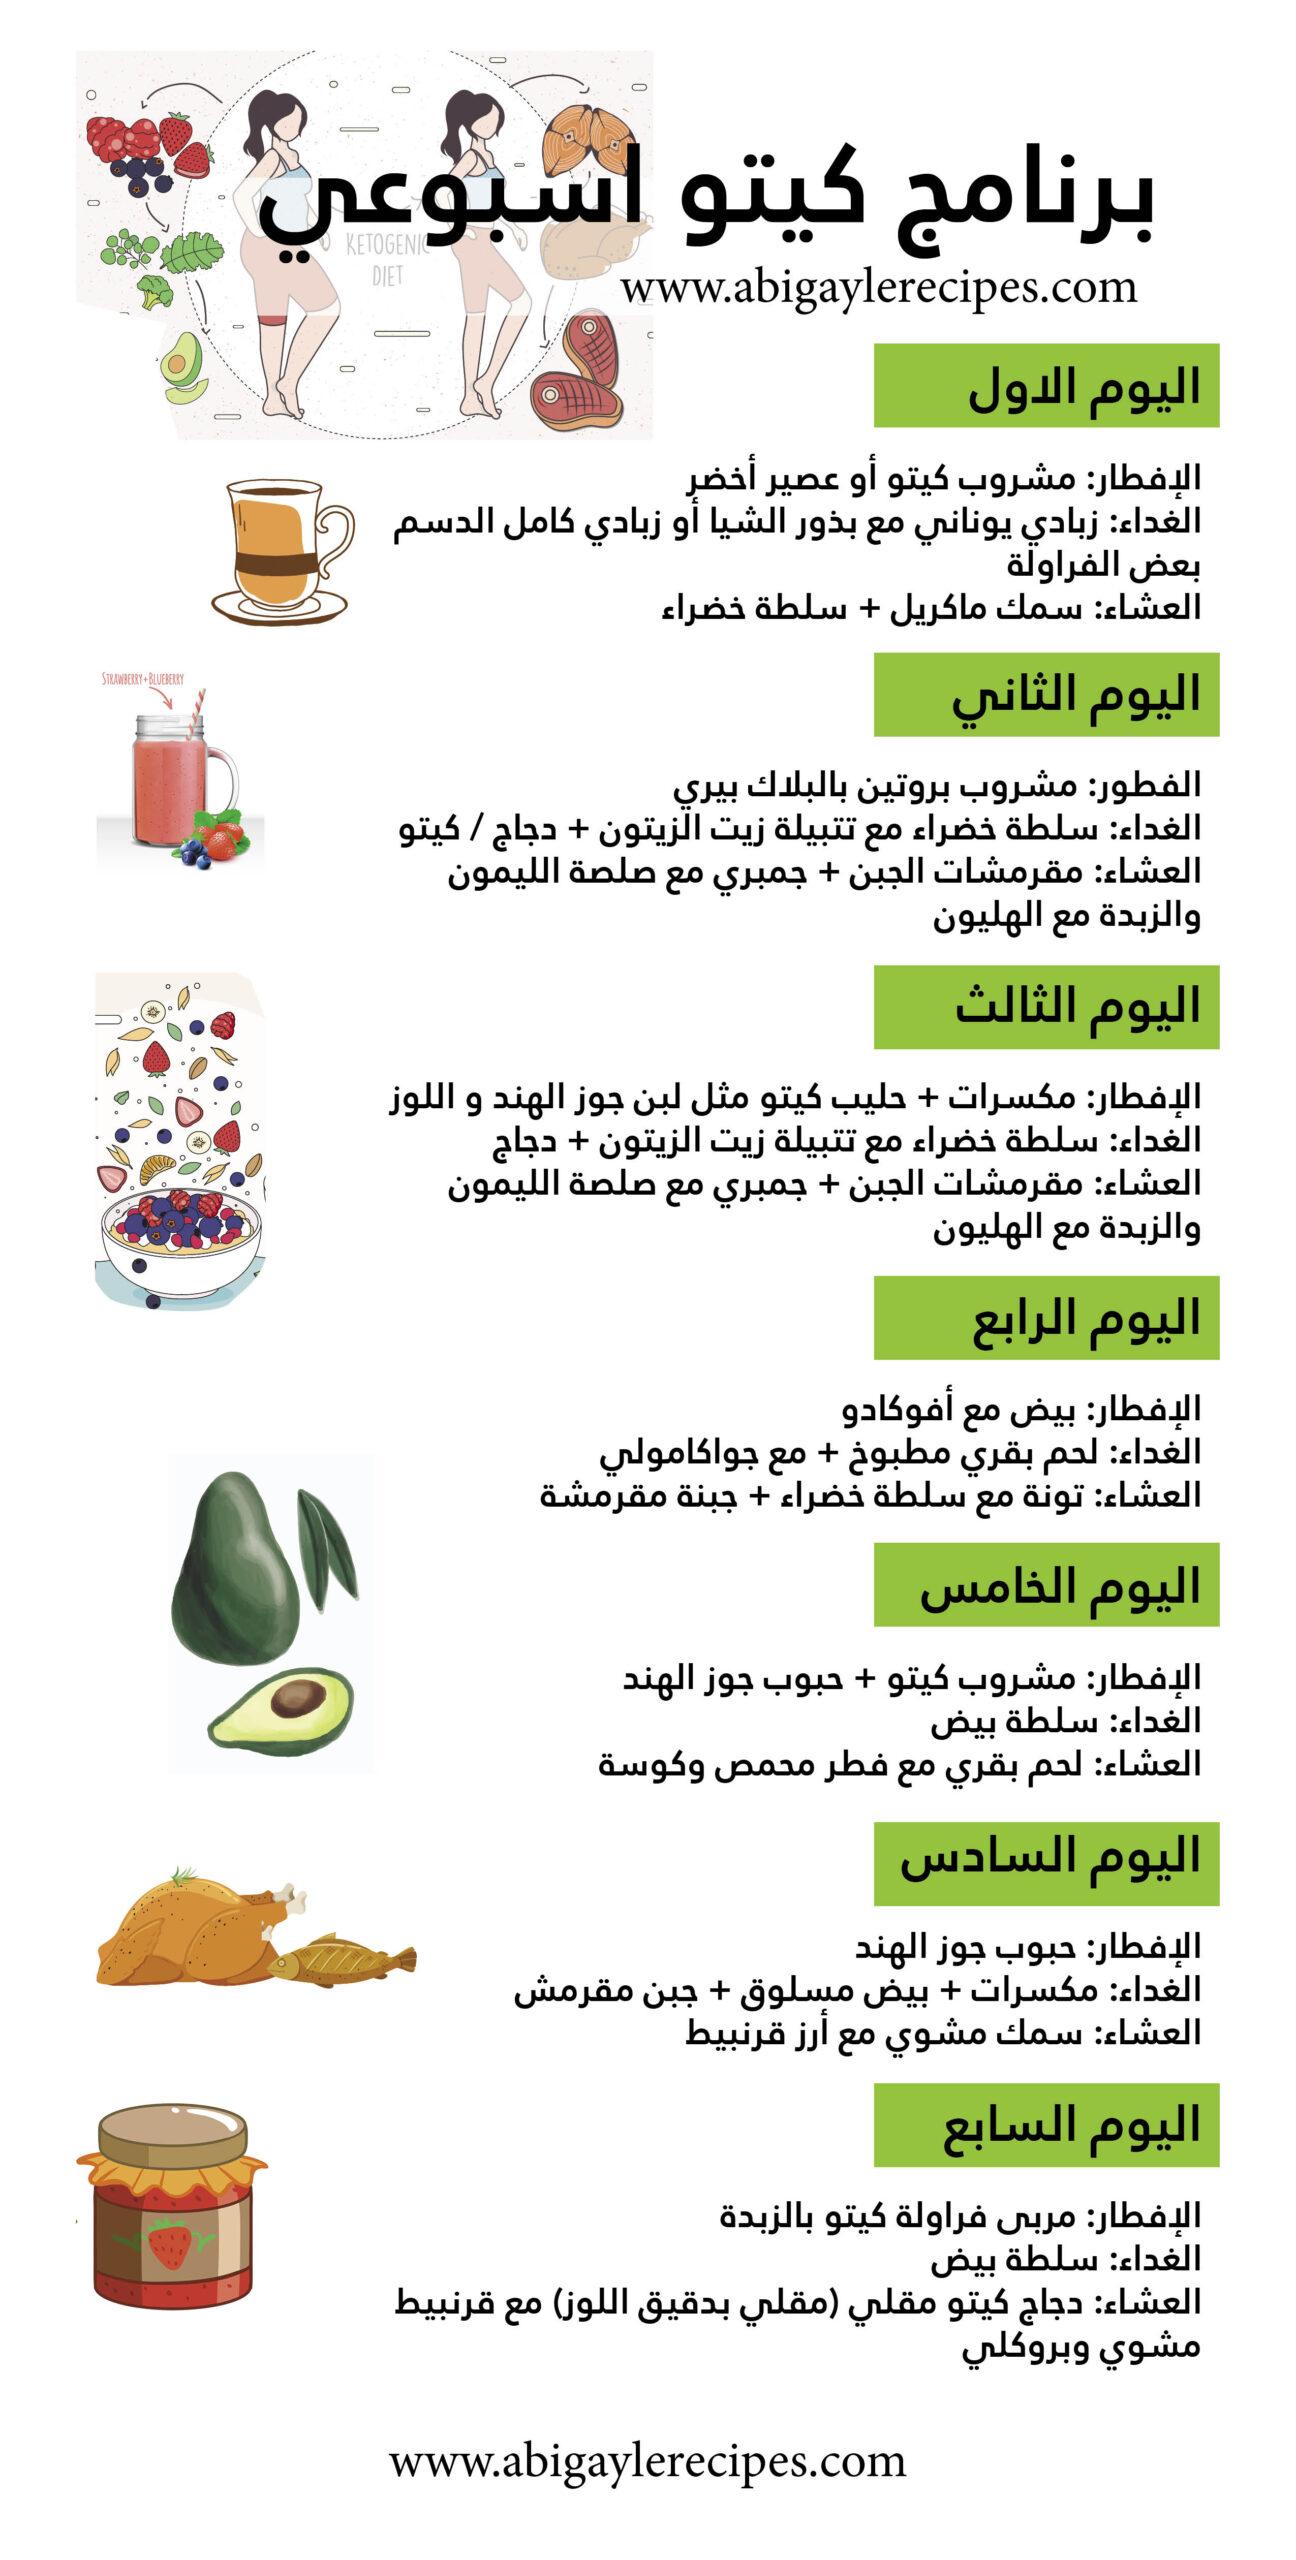 كيتو دايت جدول نظام غذائي